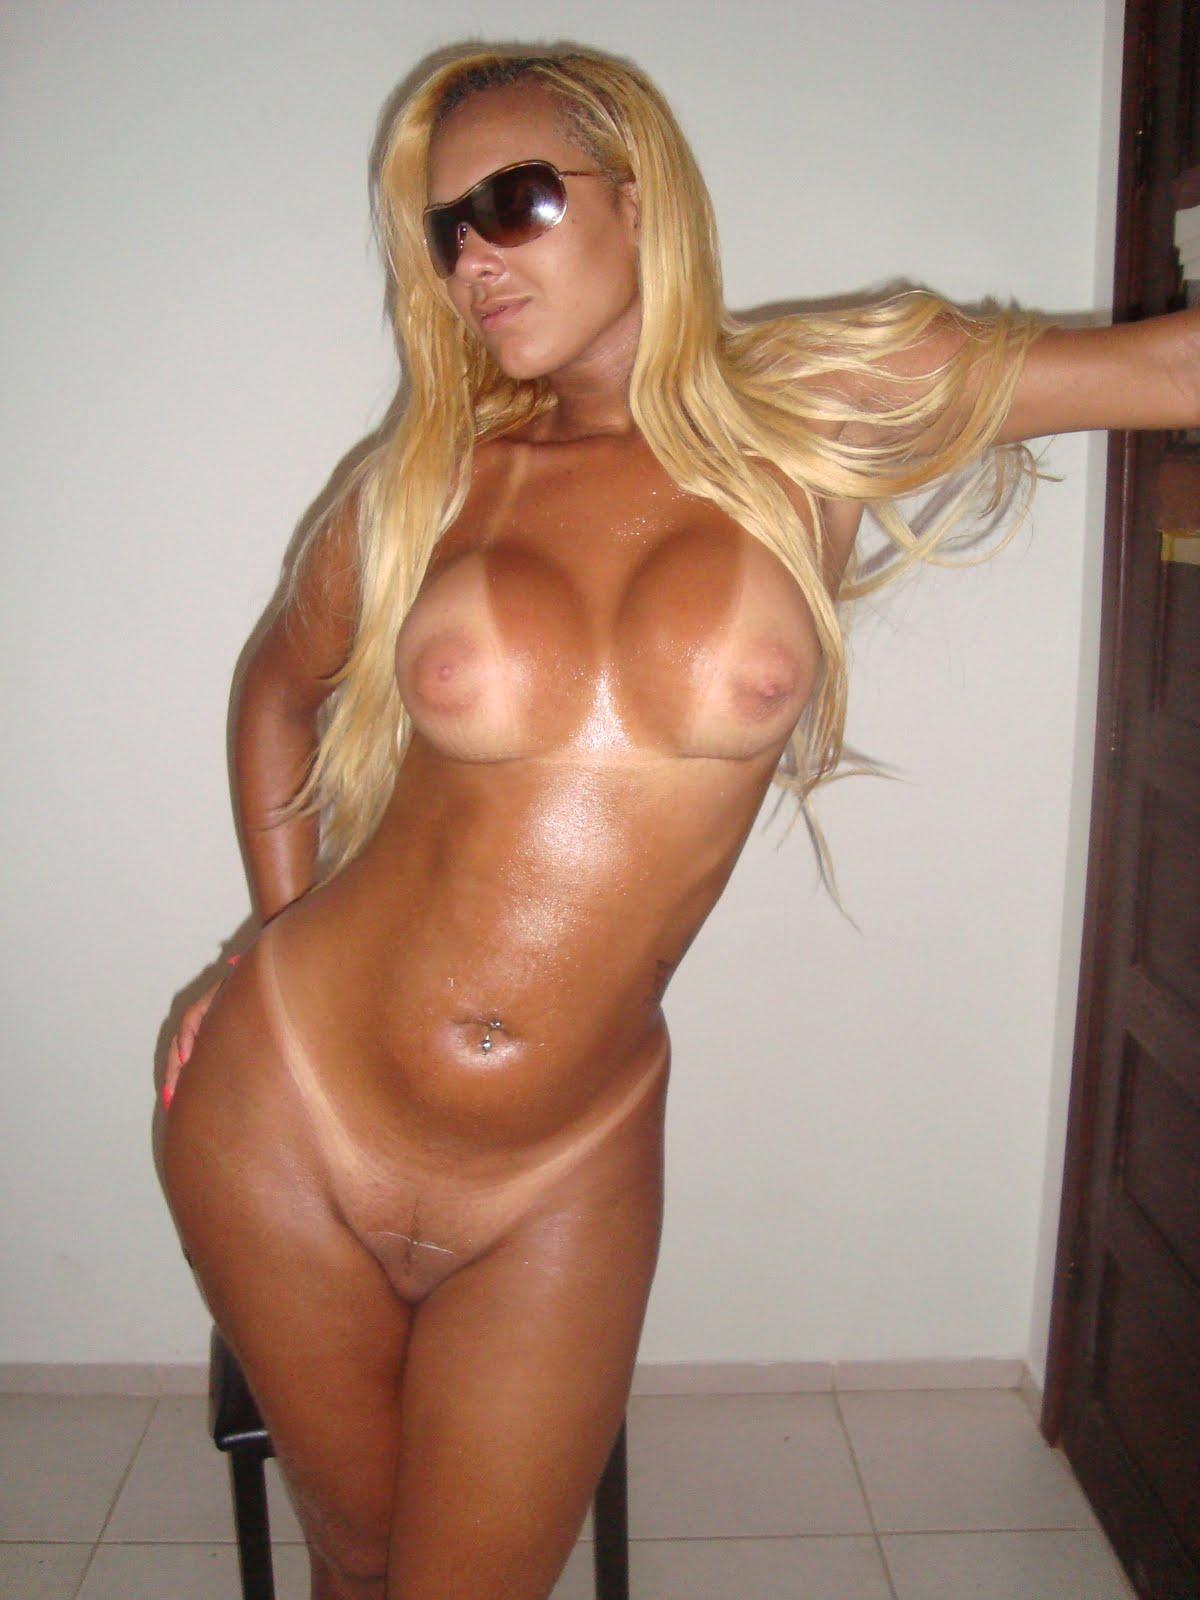 Especial Fotos Caseras Travestis Transeuales